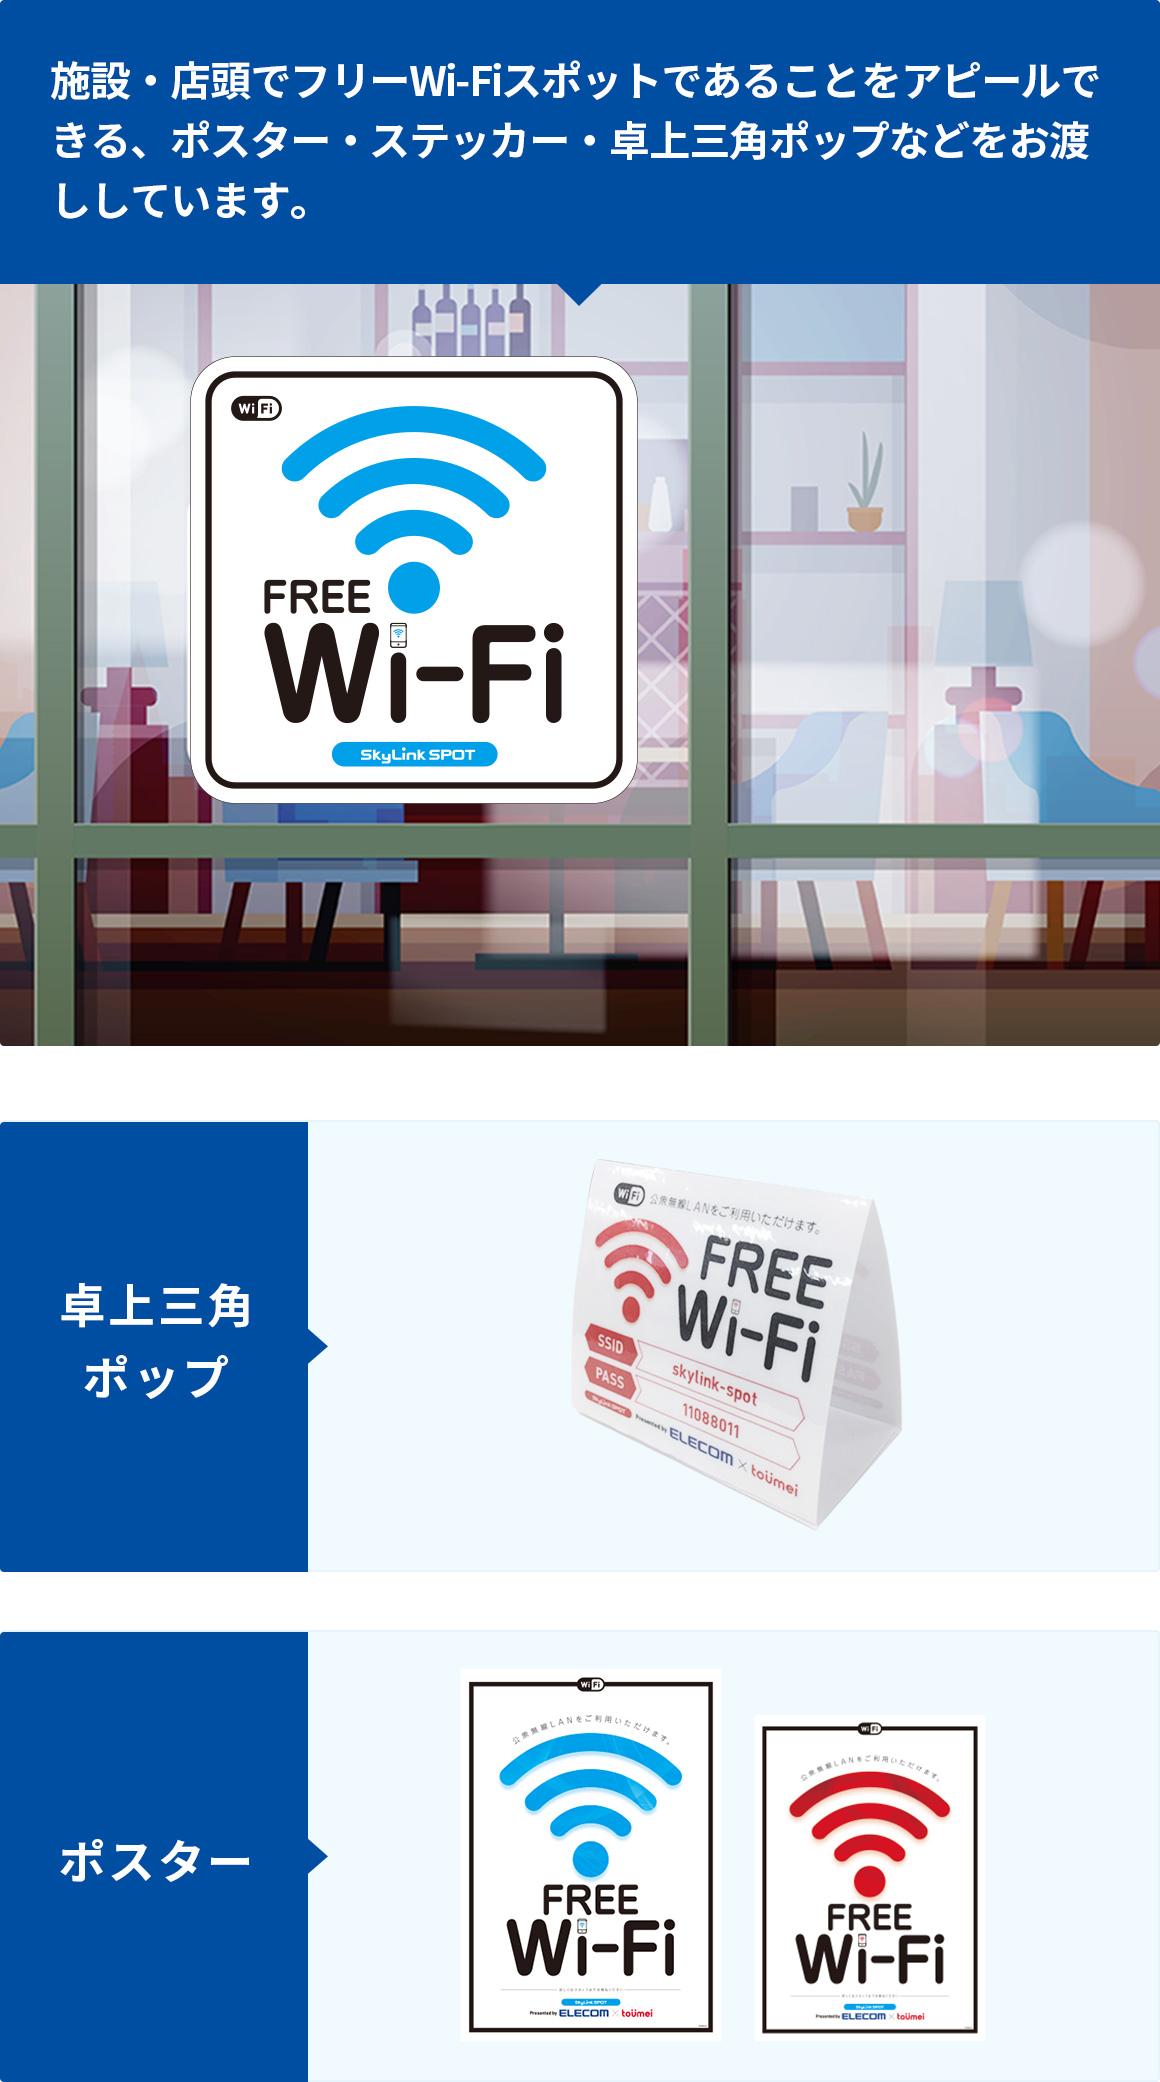 施設・店頭でフリーWi-FIスポットであることをアピールできる、ポスター・ステッカー・卓上三角ポップなどをお渡ししています。